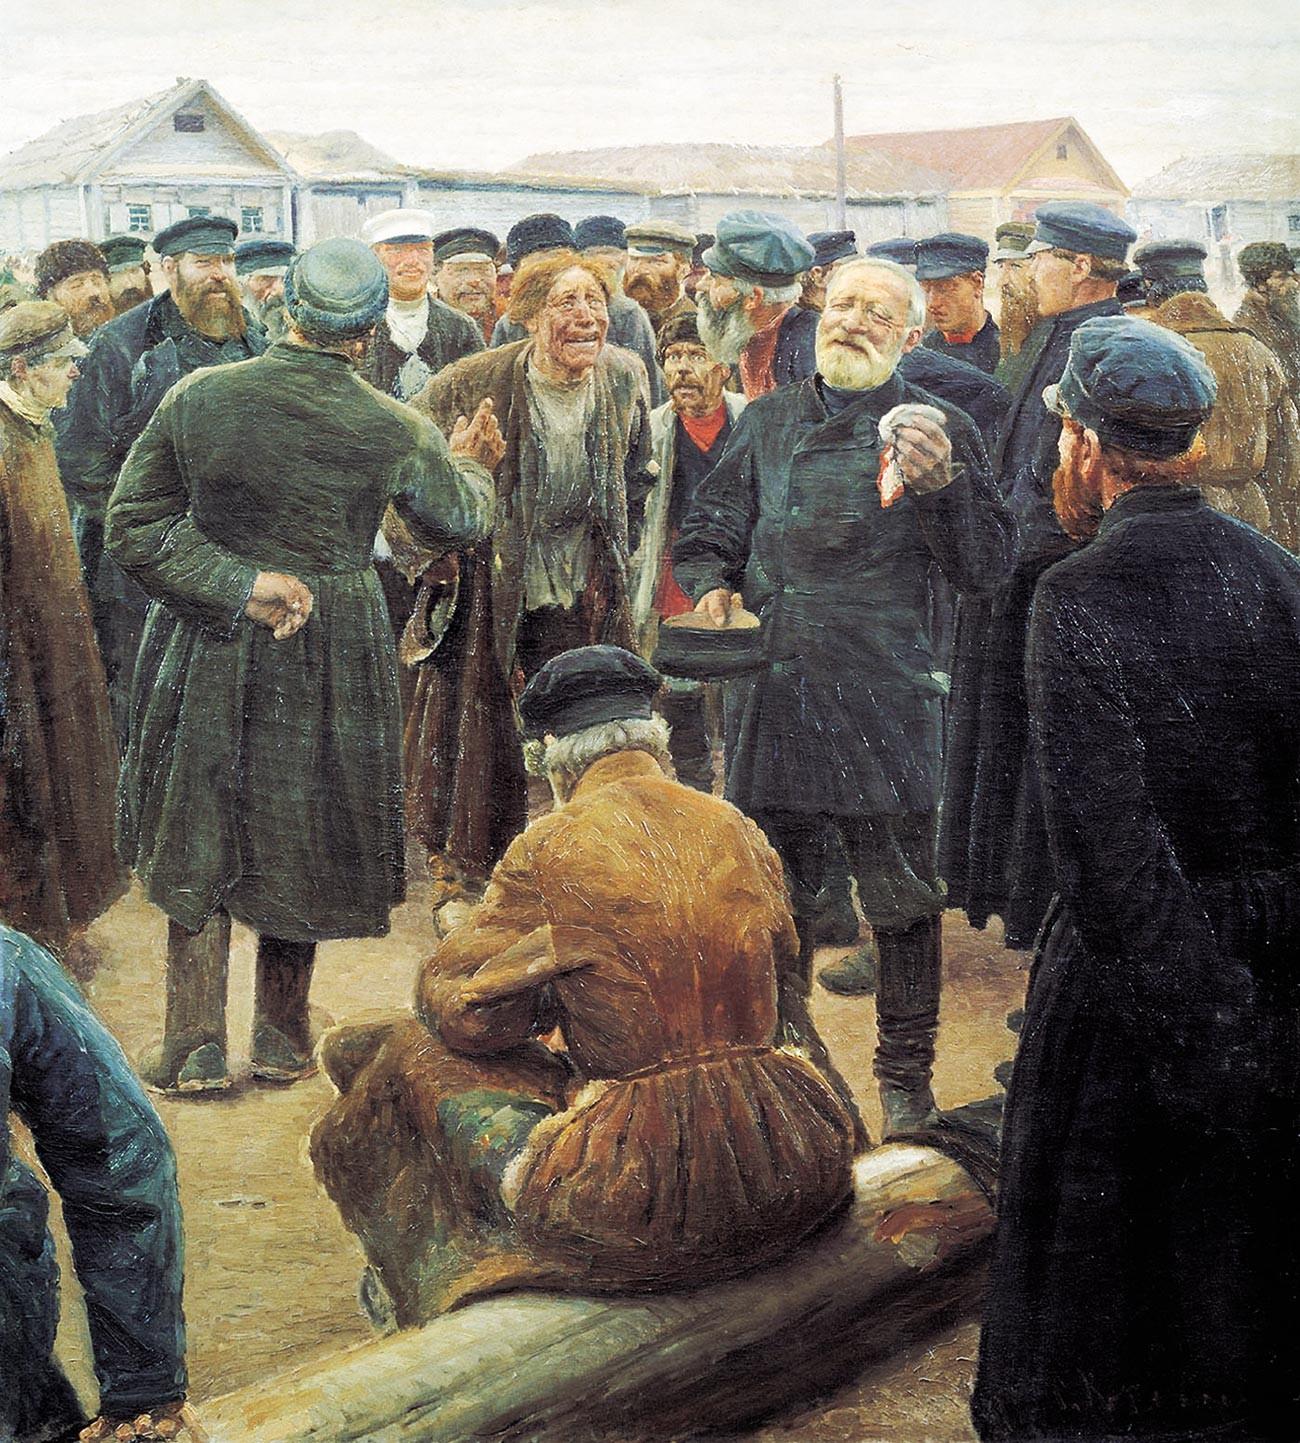 Das Bild zeigt eine Dorfgemeinschaft, die sich auf einem russischen Marktplatz versammelt.